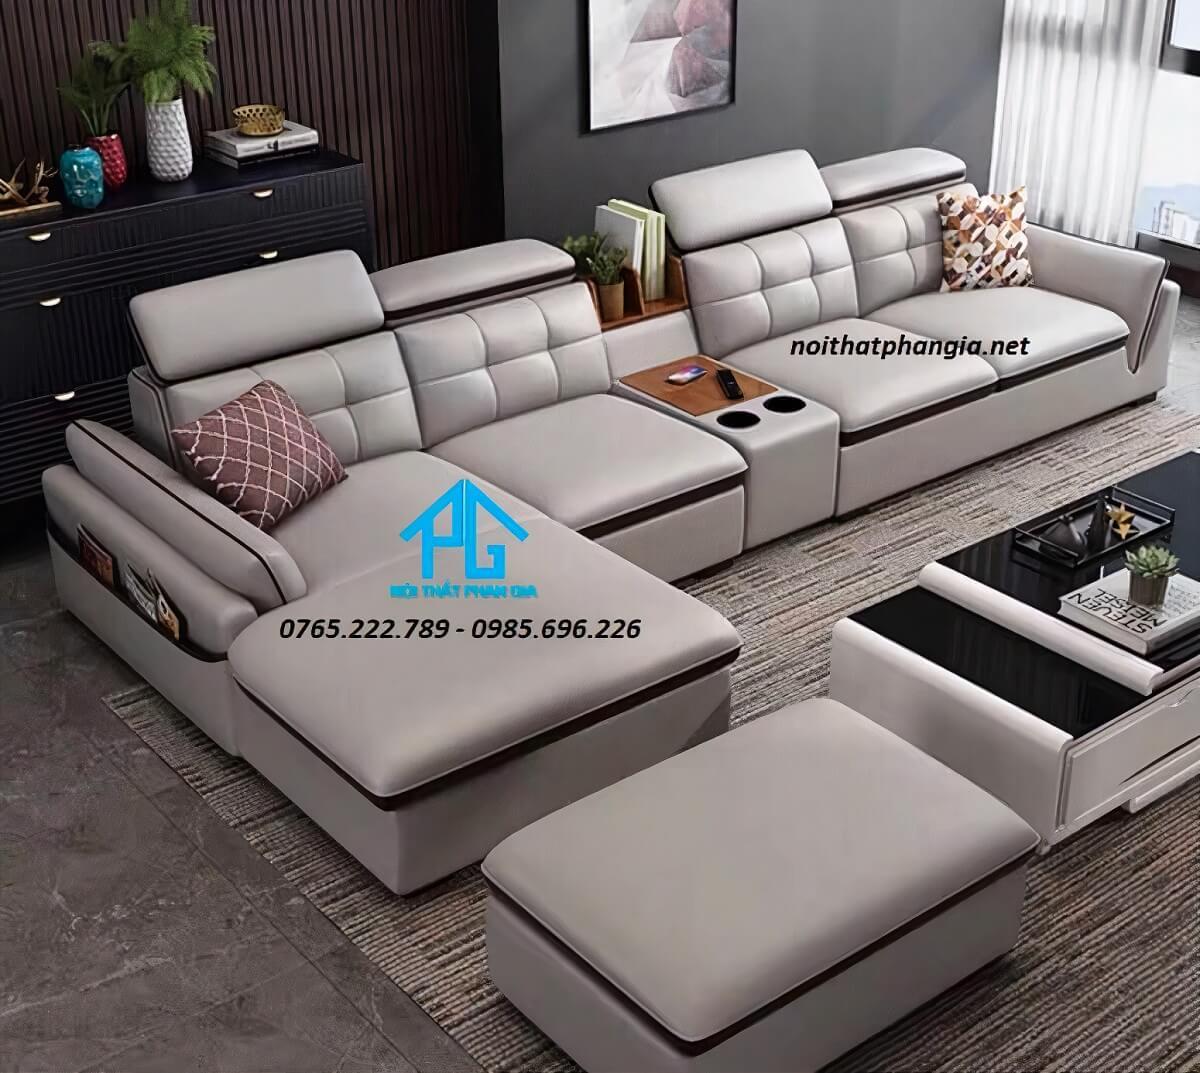 sofa da công nghiệp nhập khẩu tphcm